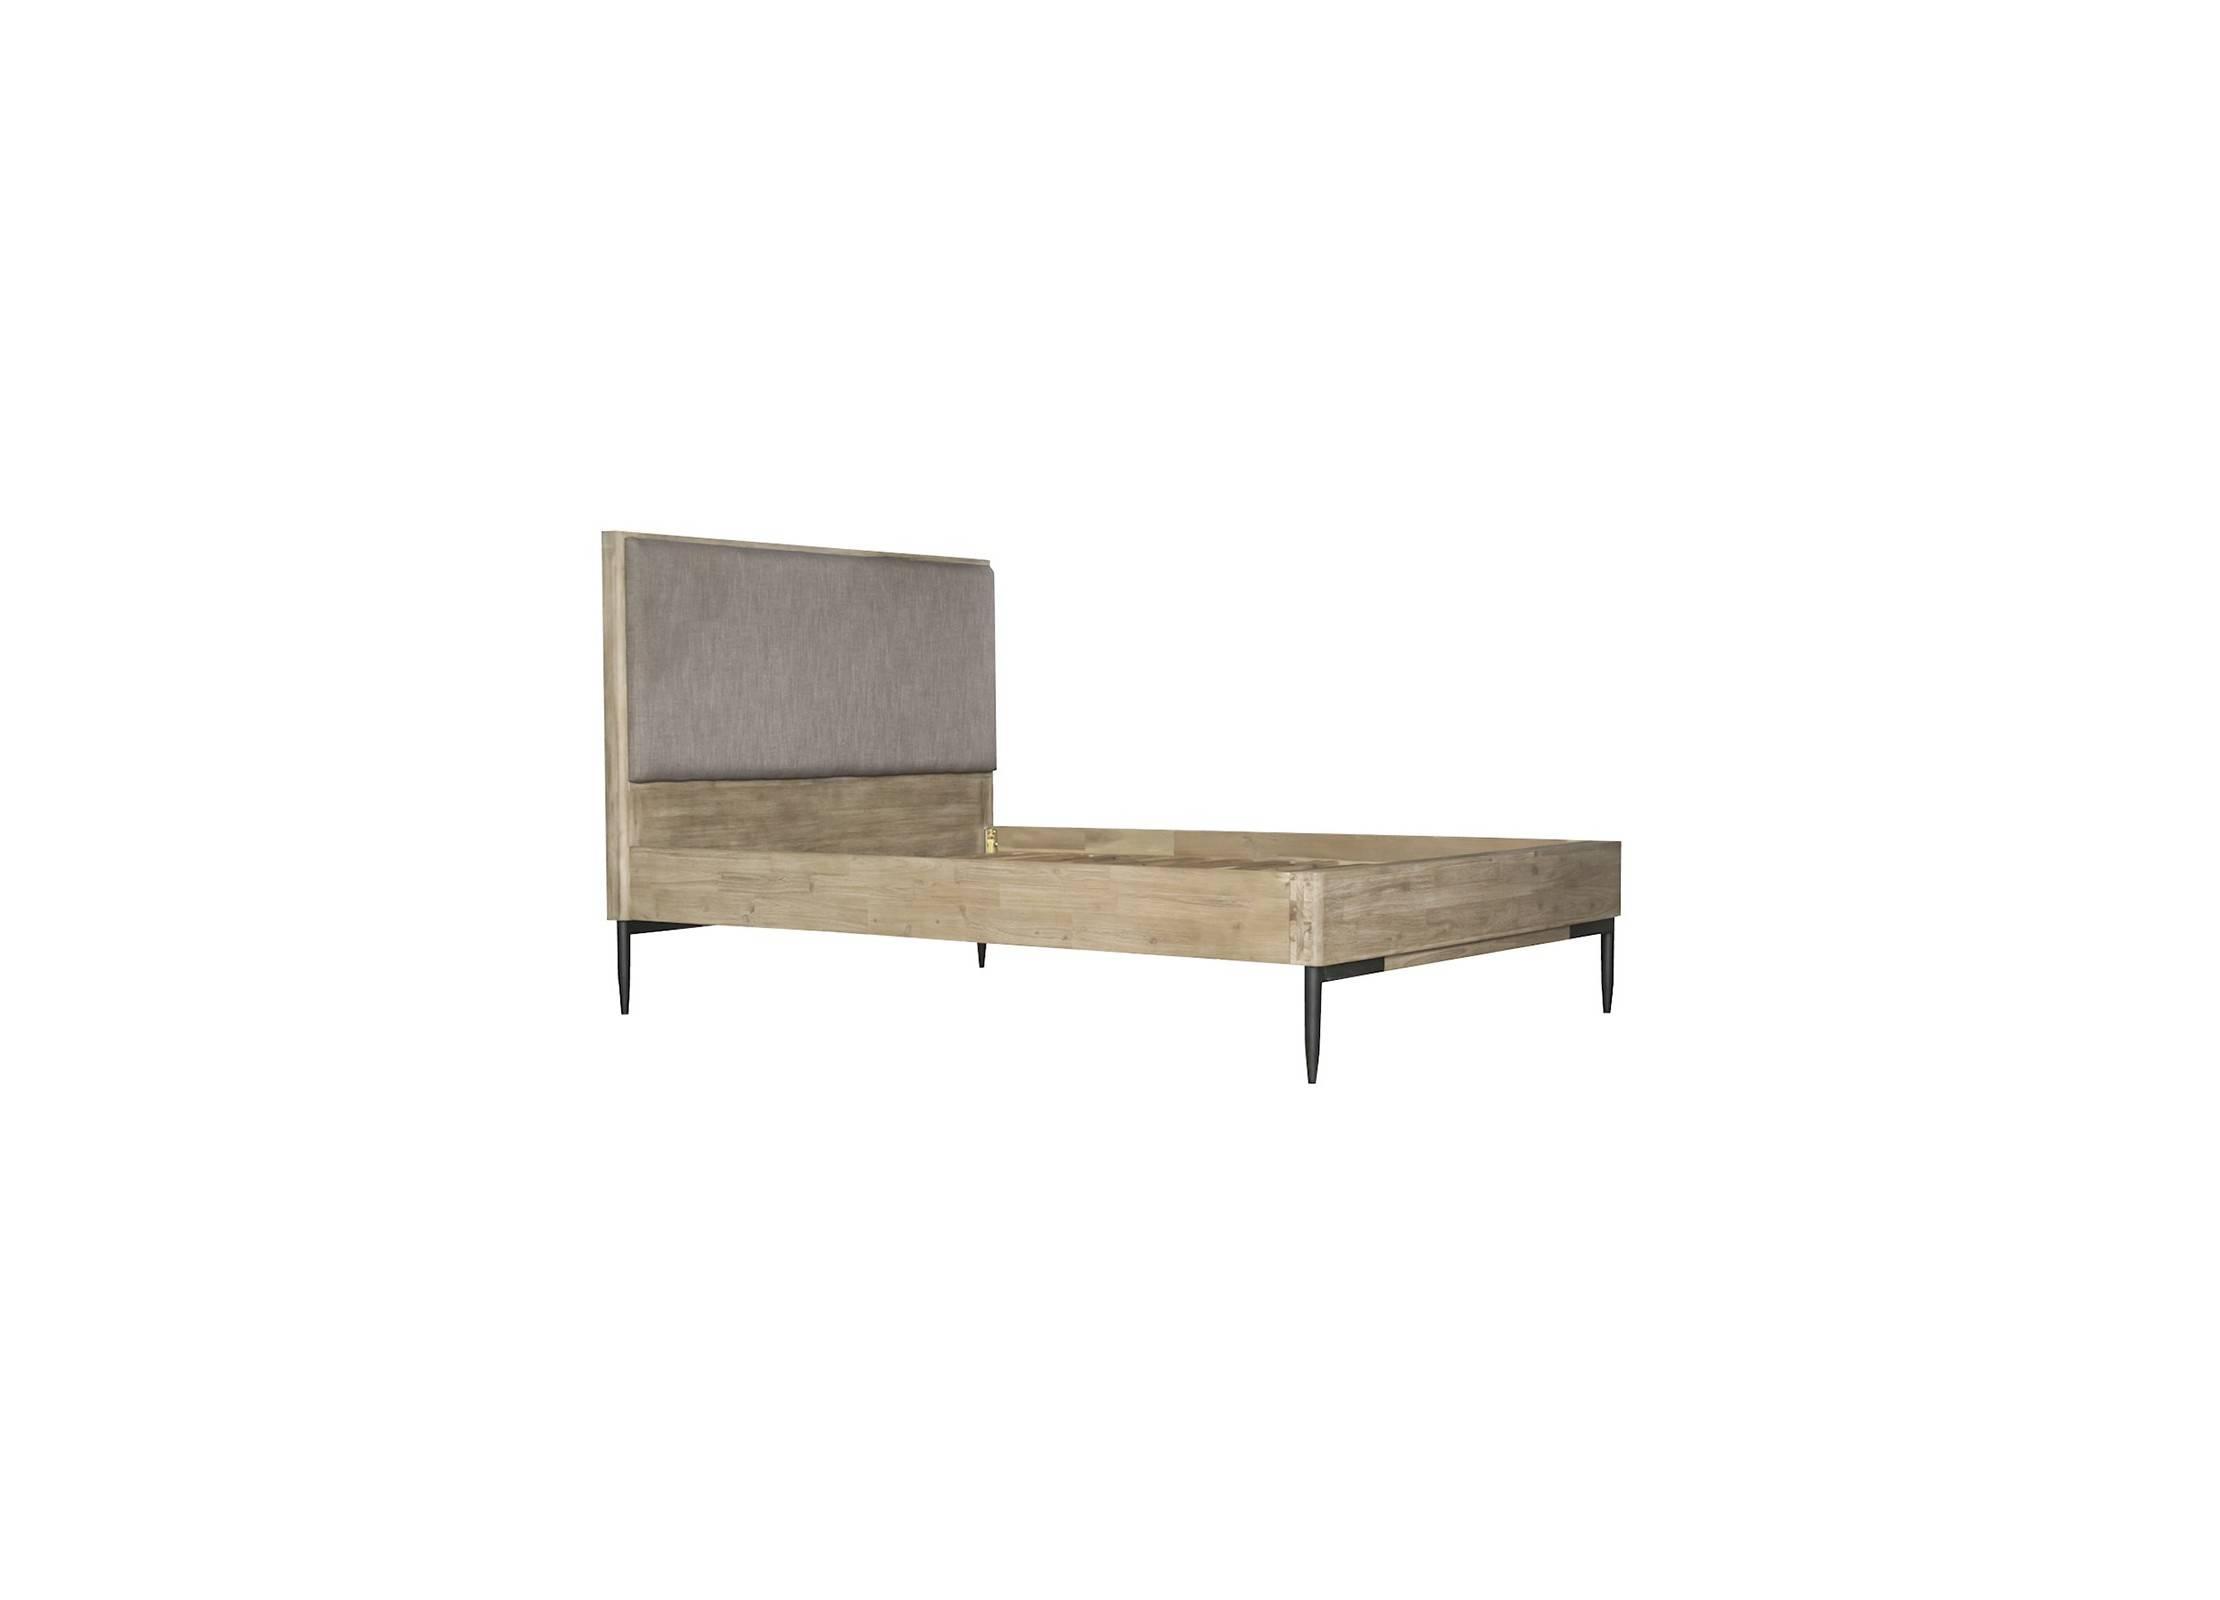 Lit 2 places alba 140 cm bois massif acacia et tissu - Lit 2 places bois ...